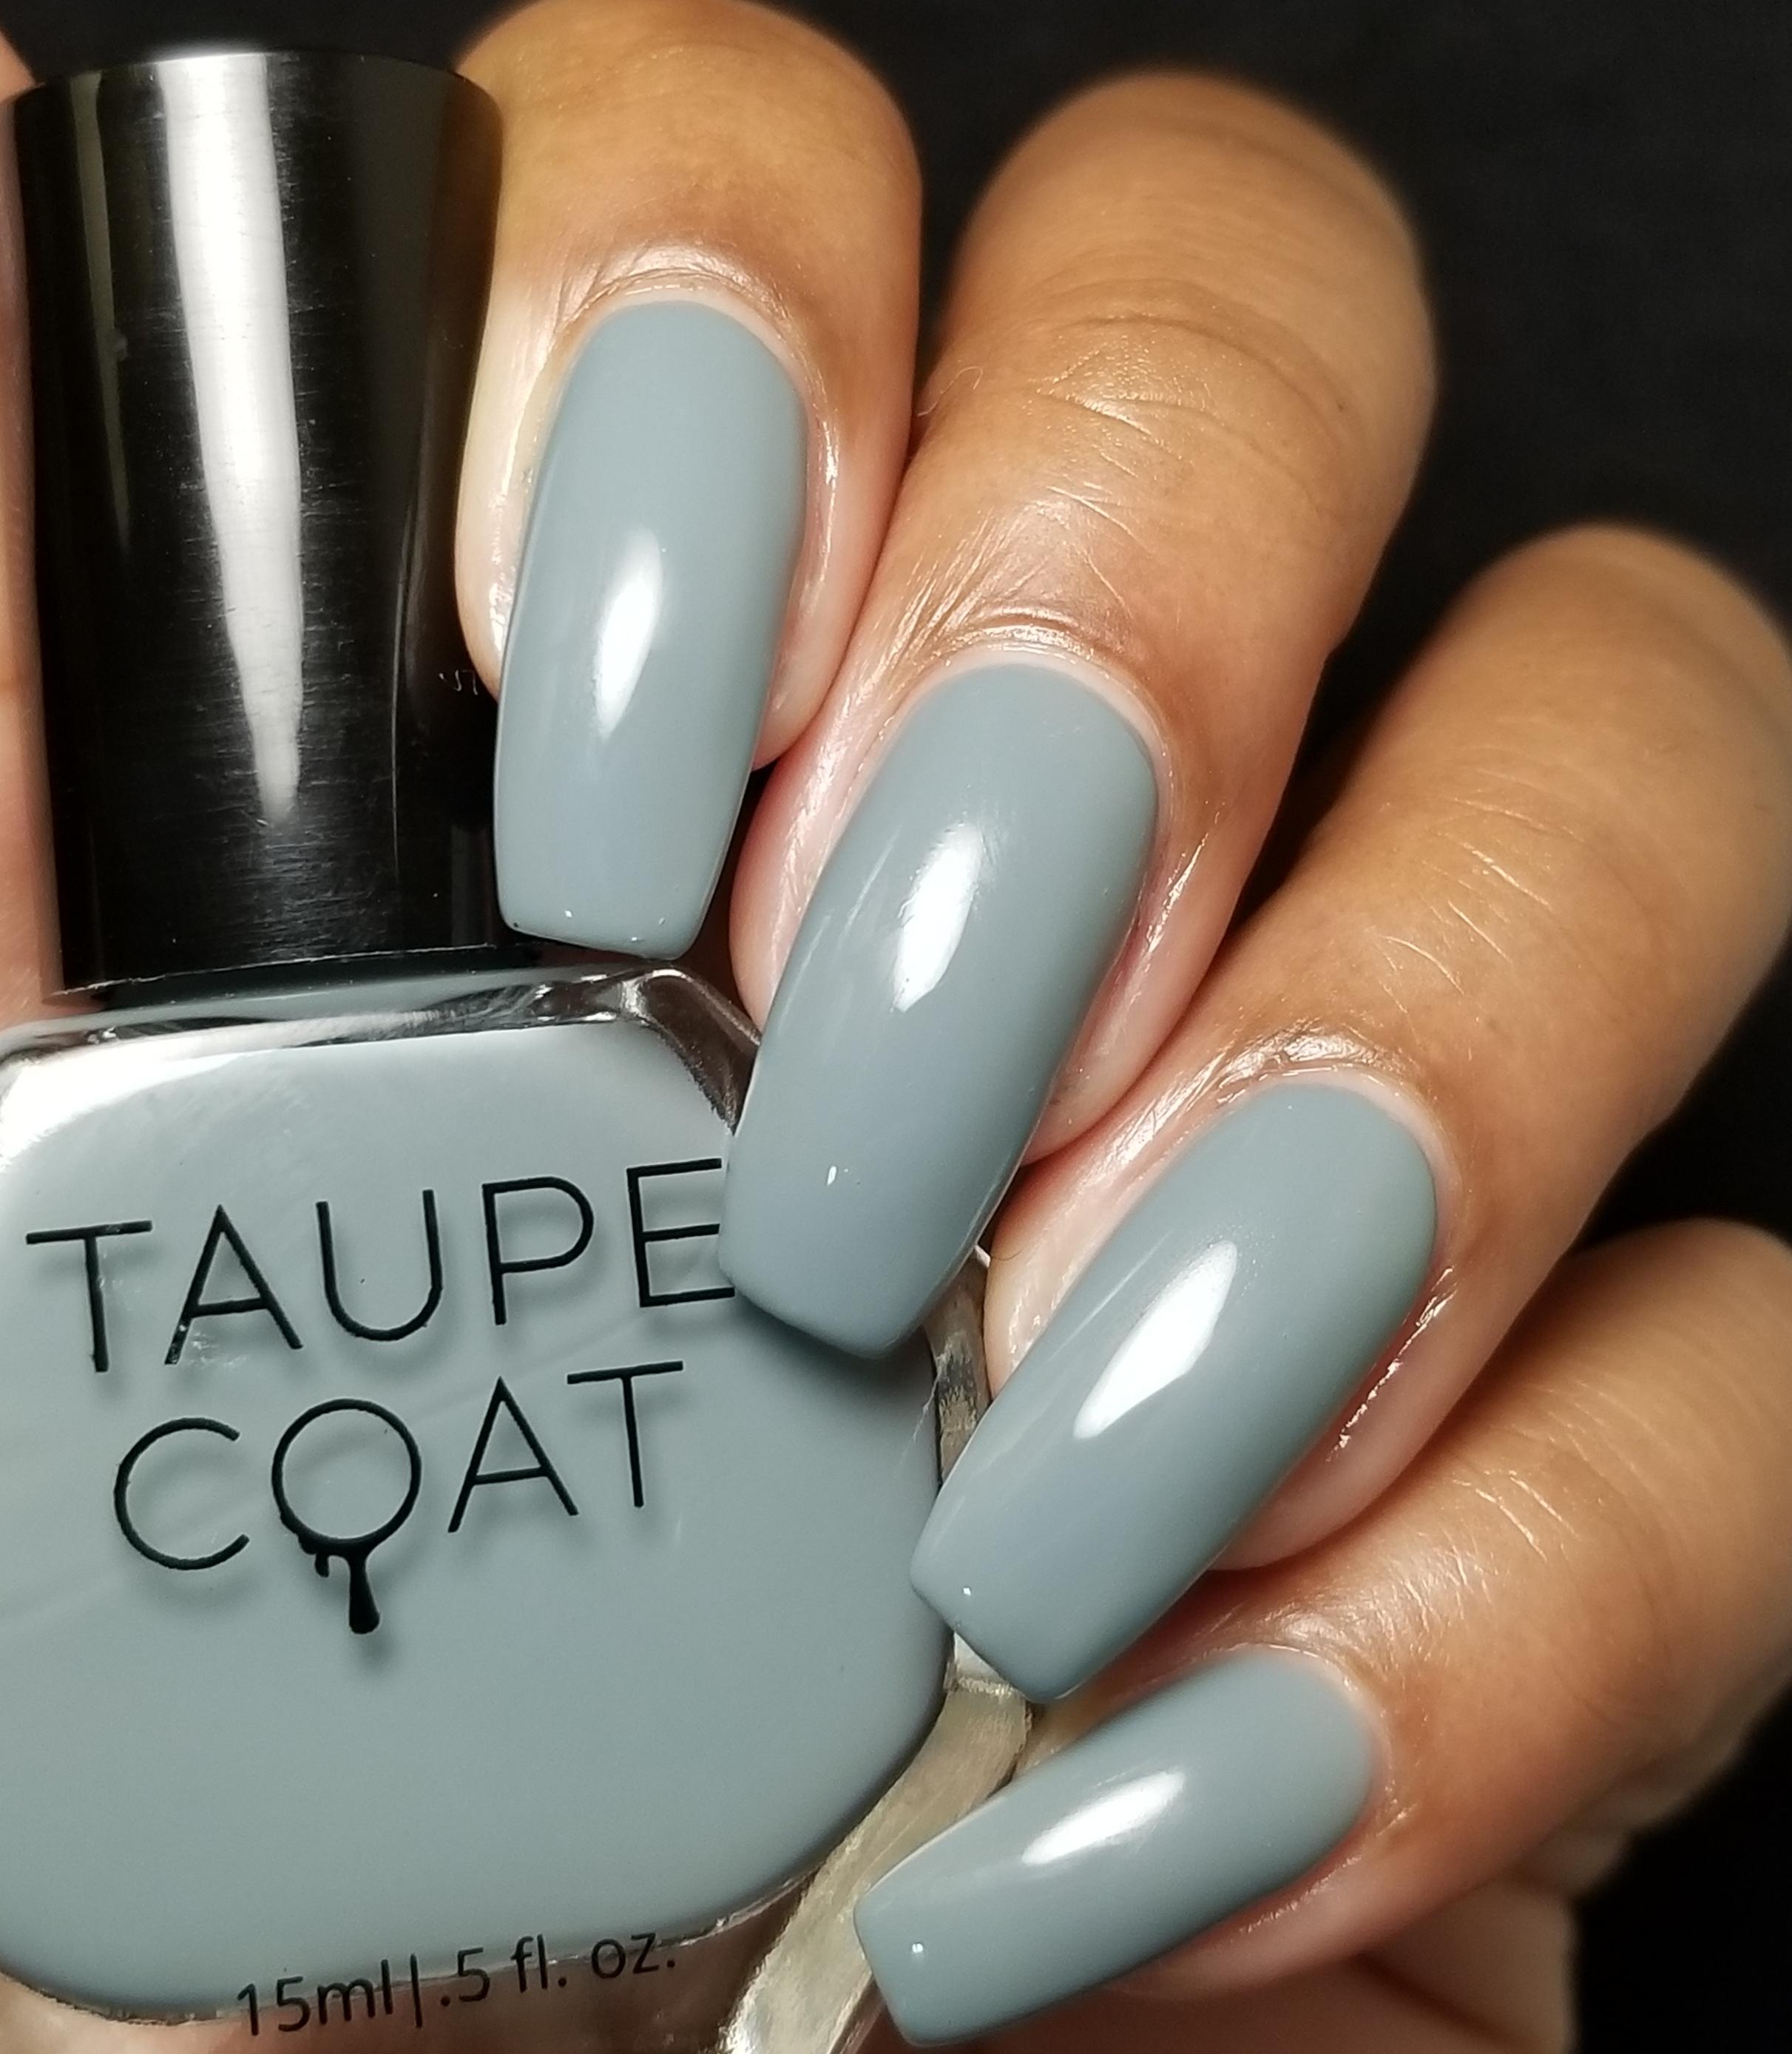 taupe-coat-nail-polish